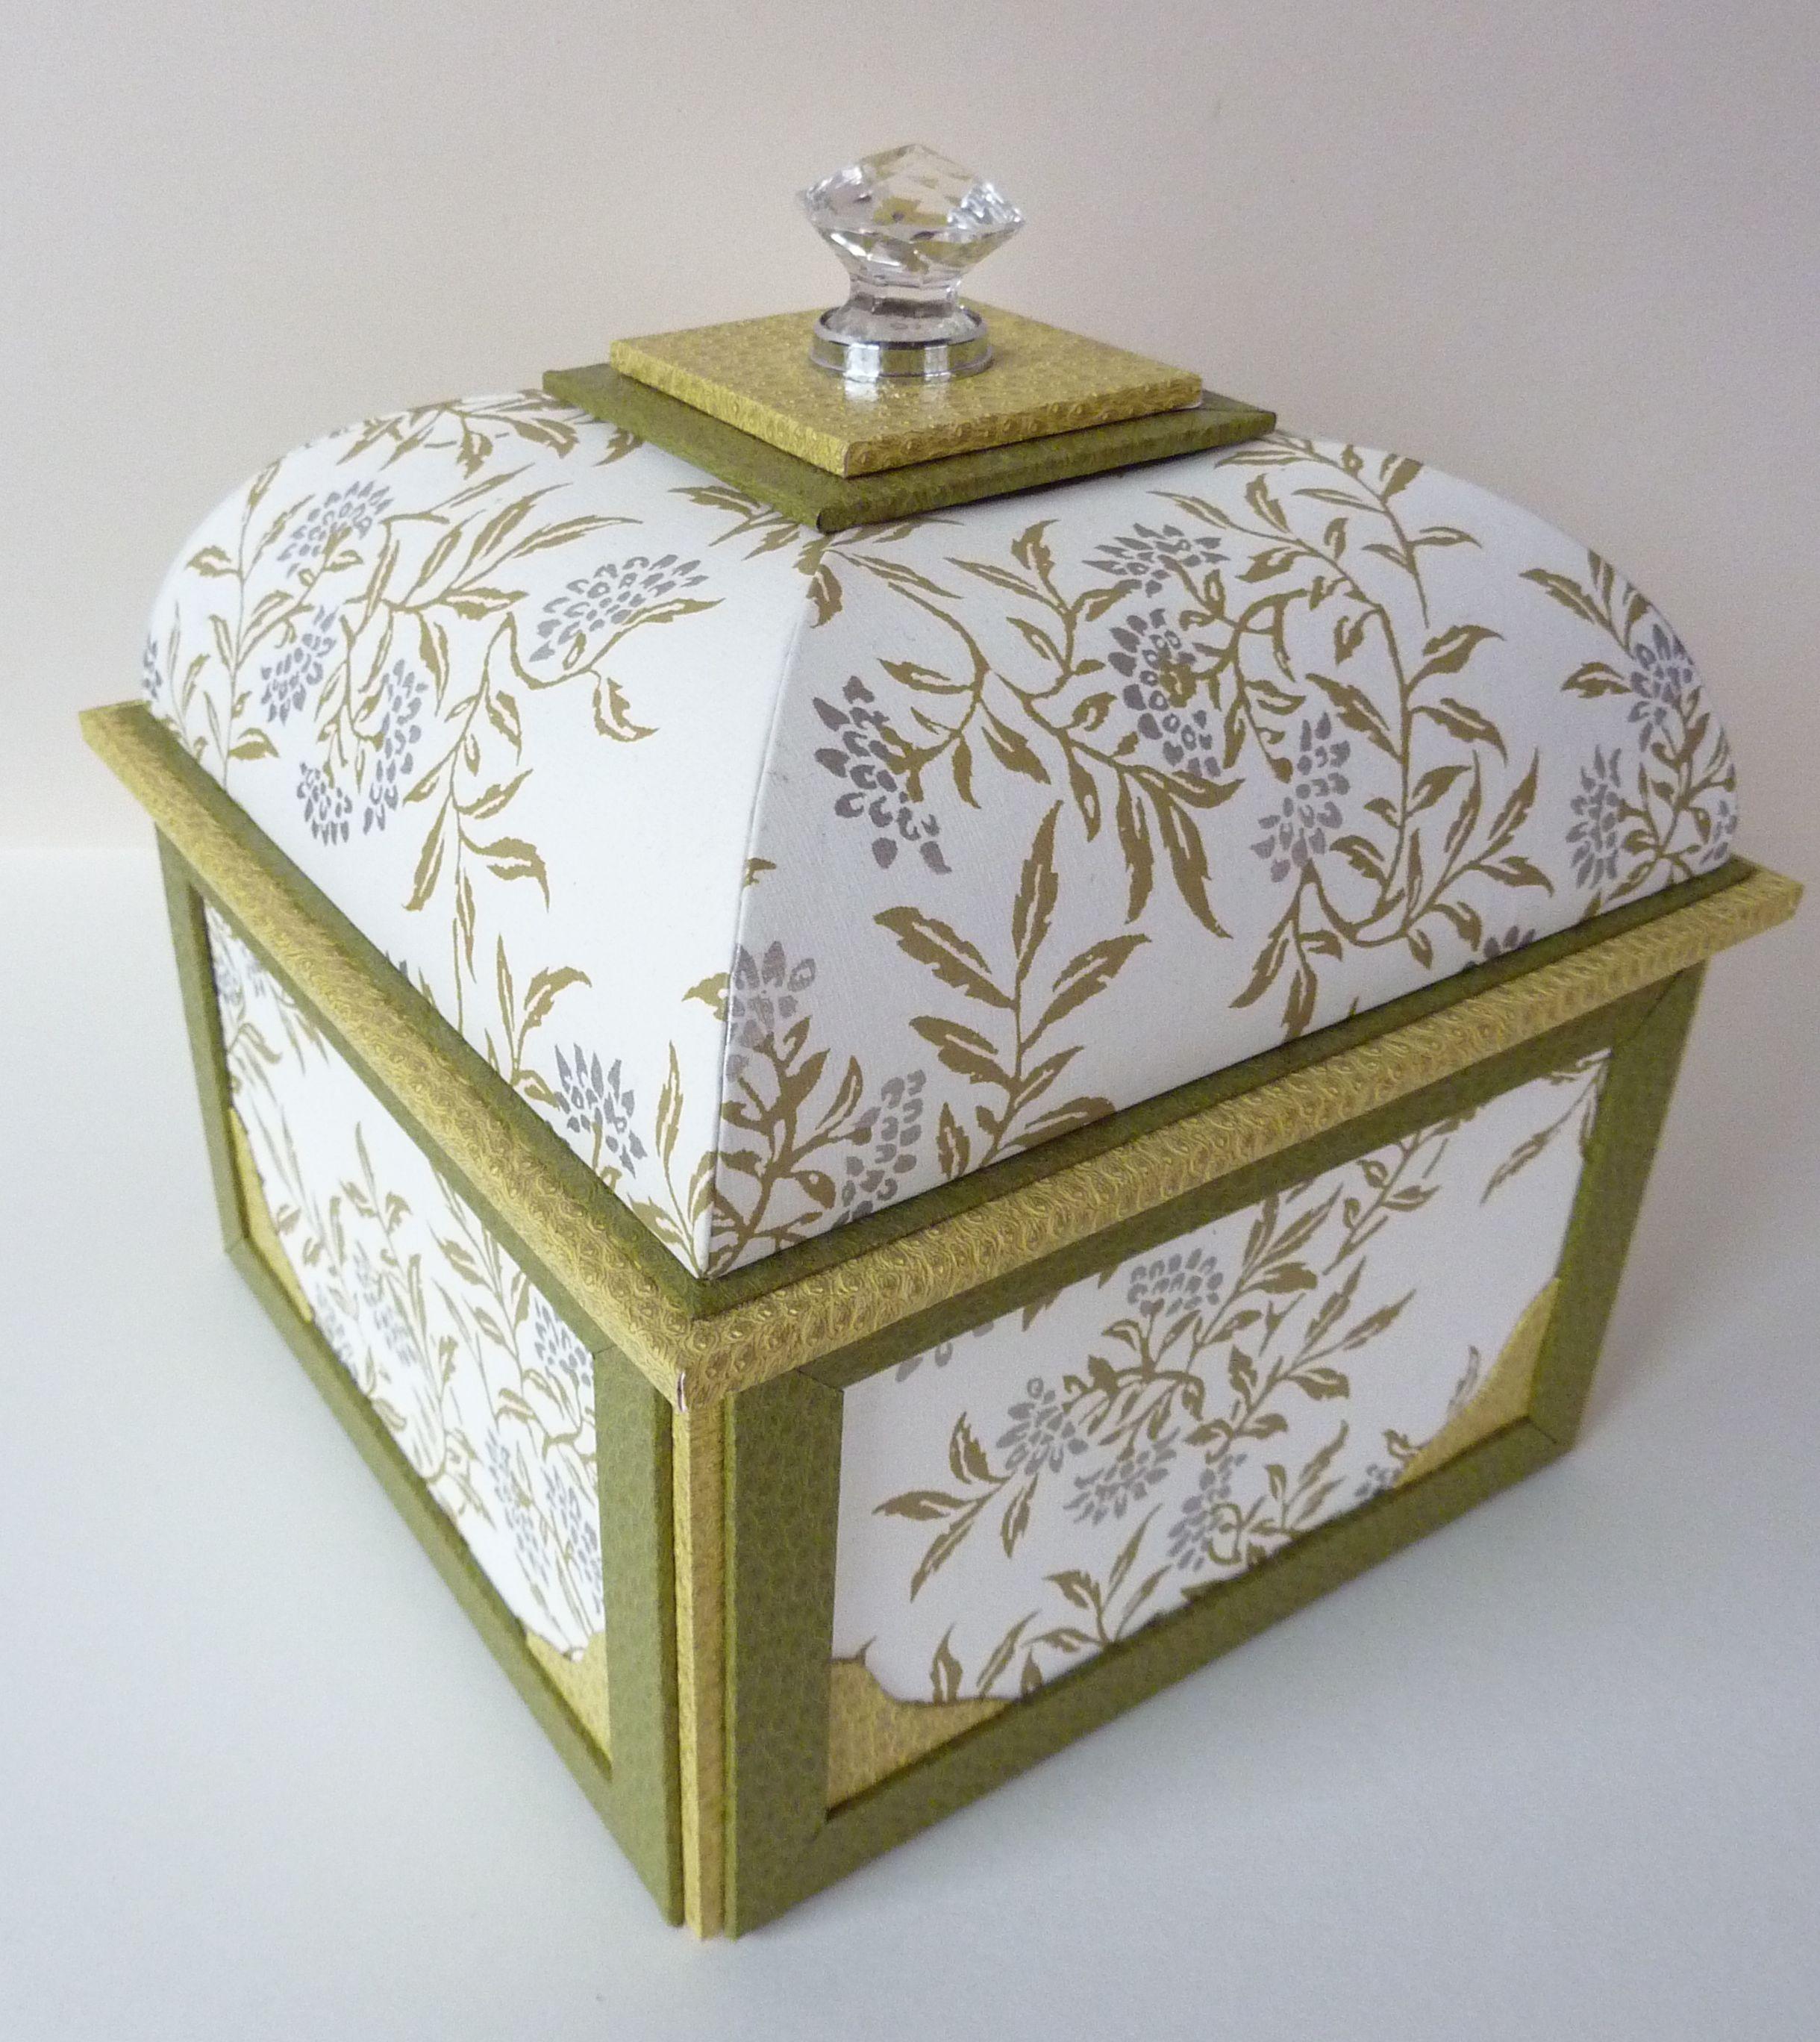 Cartonnage boite mansard r alis e avec le gabarit de gabriel ledu - Gabarit maison en carton ...